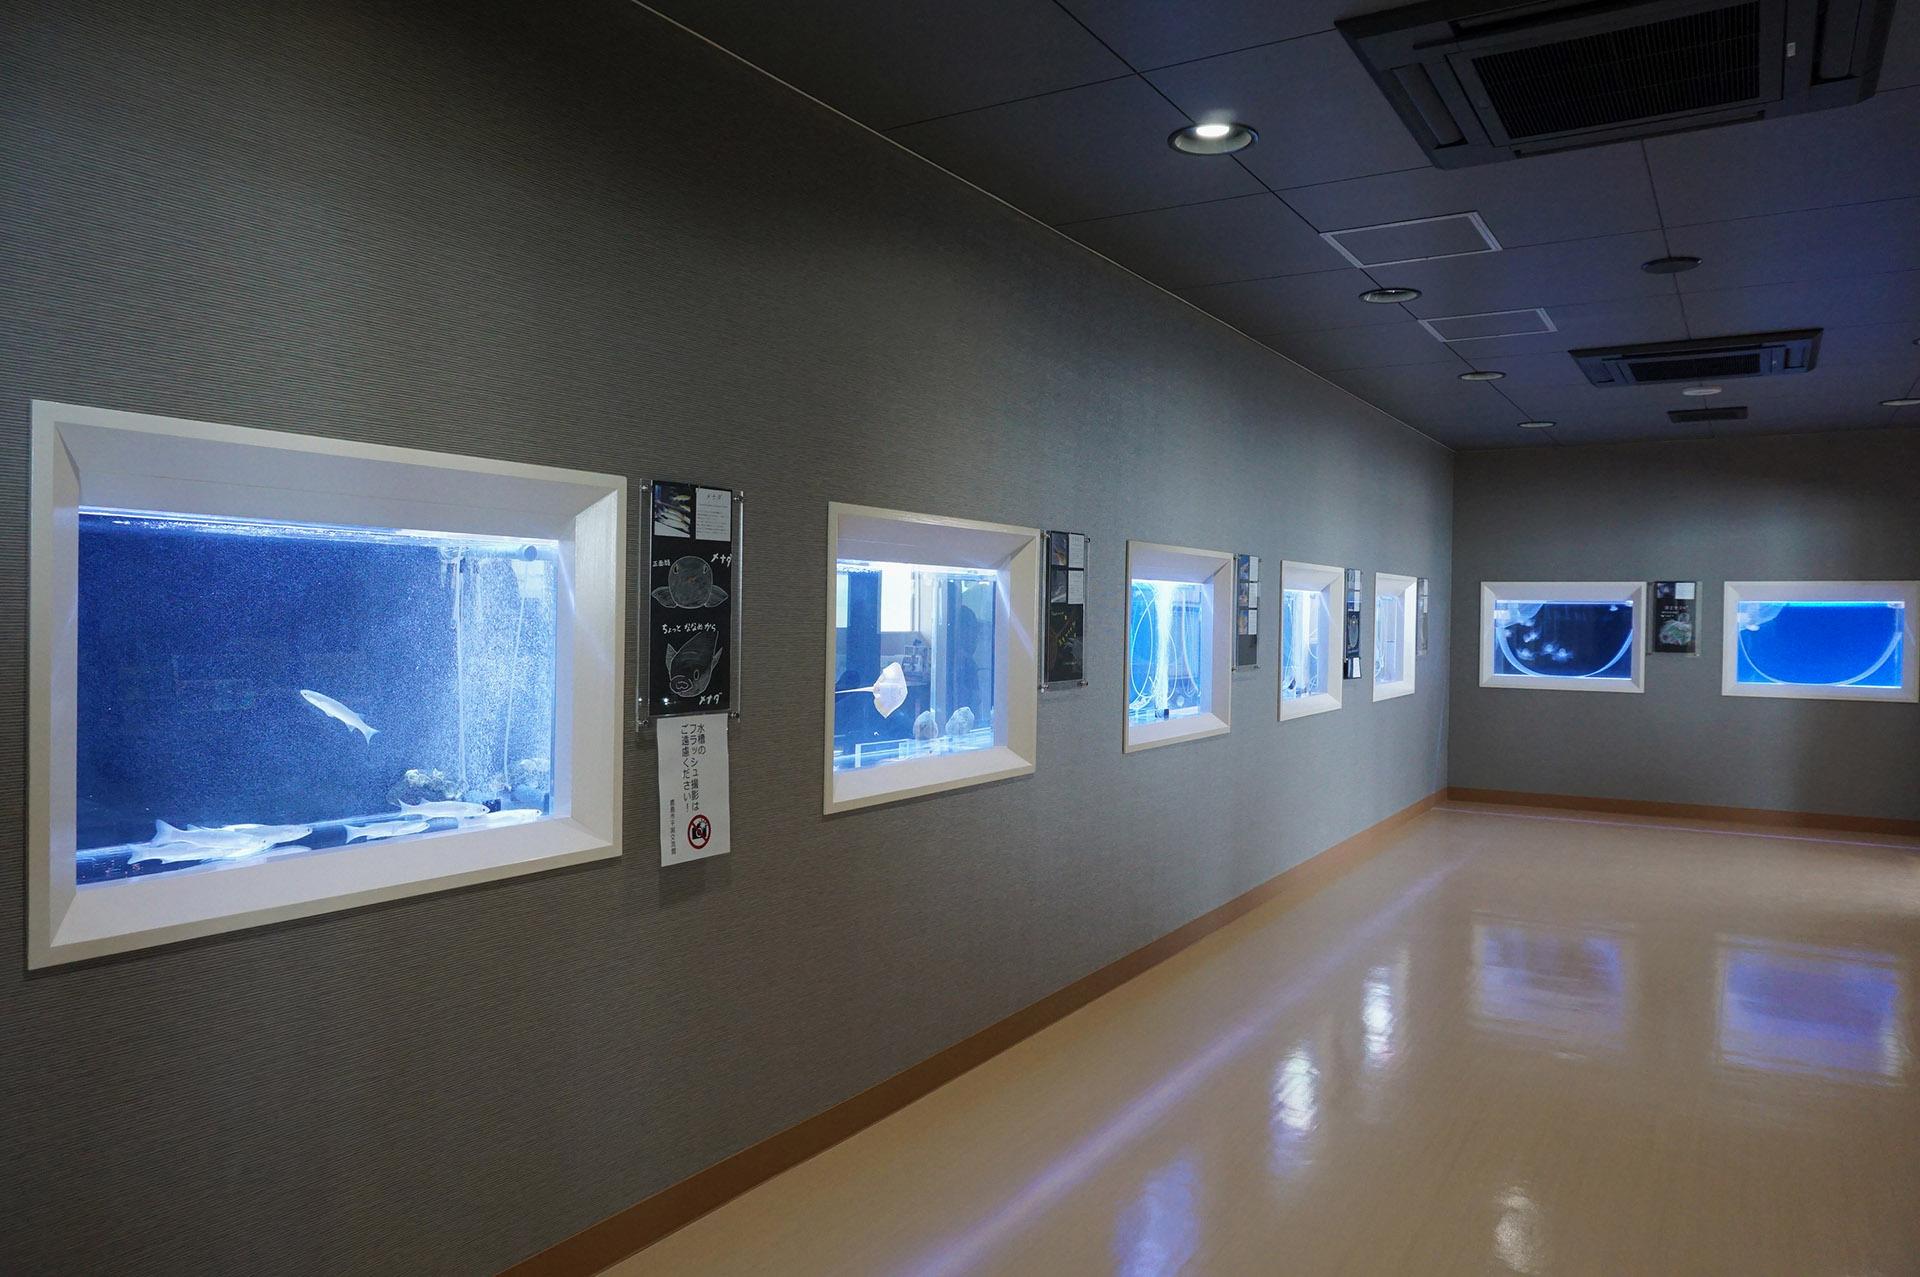 干潟交流館のミニ水族館